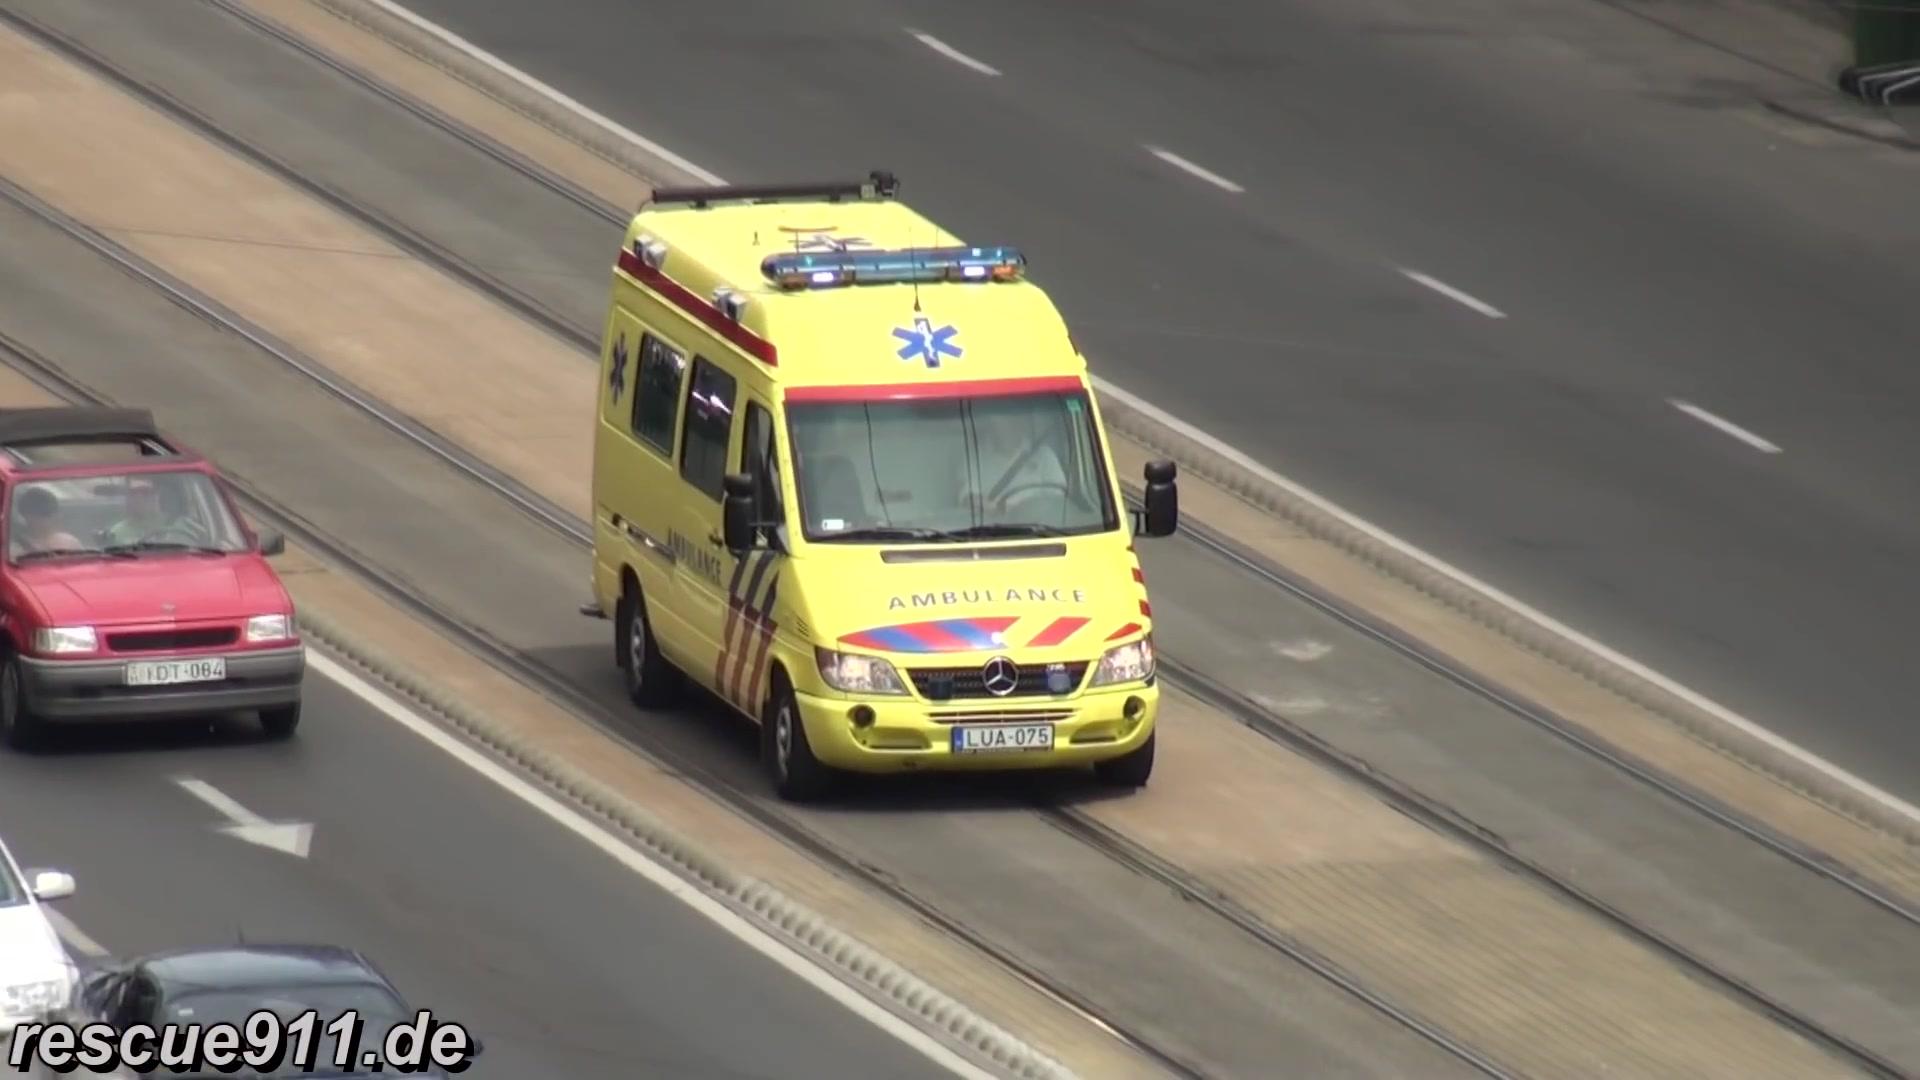 看完这个救护车,就知道荷兰为什么是电音天堂了。 这么好玩!